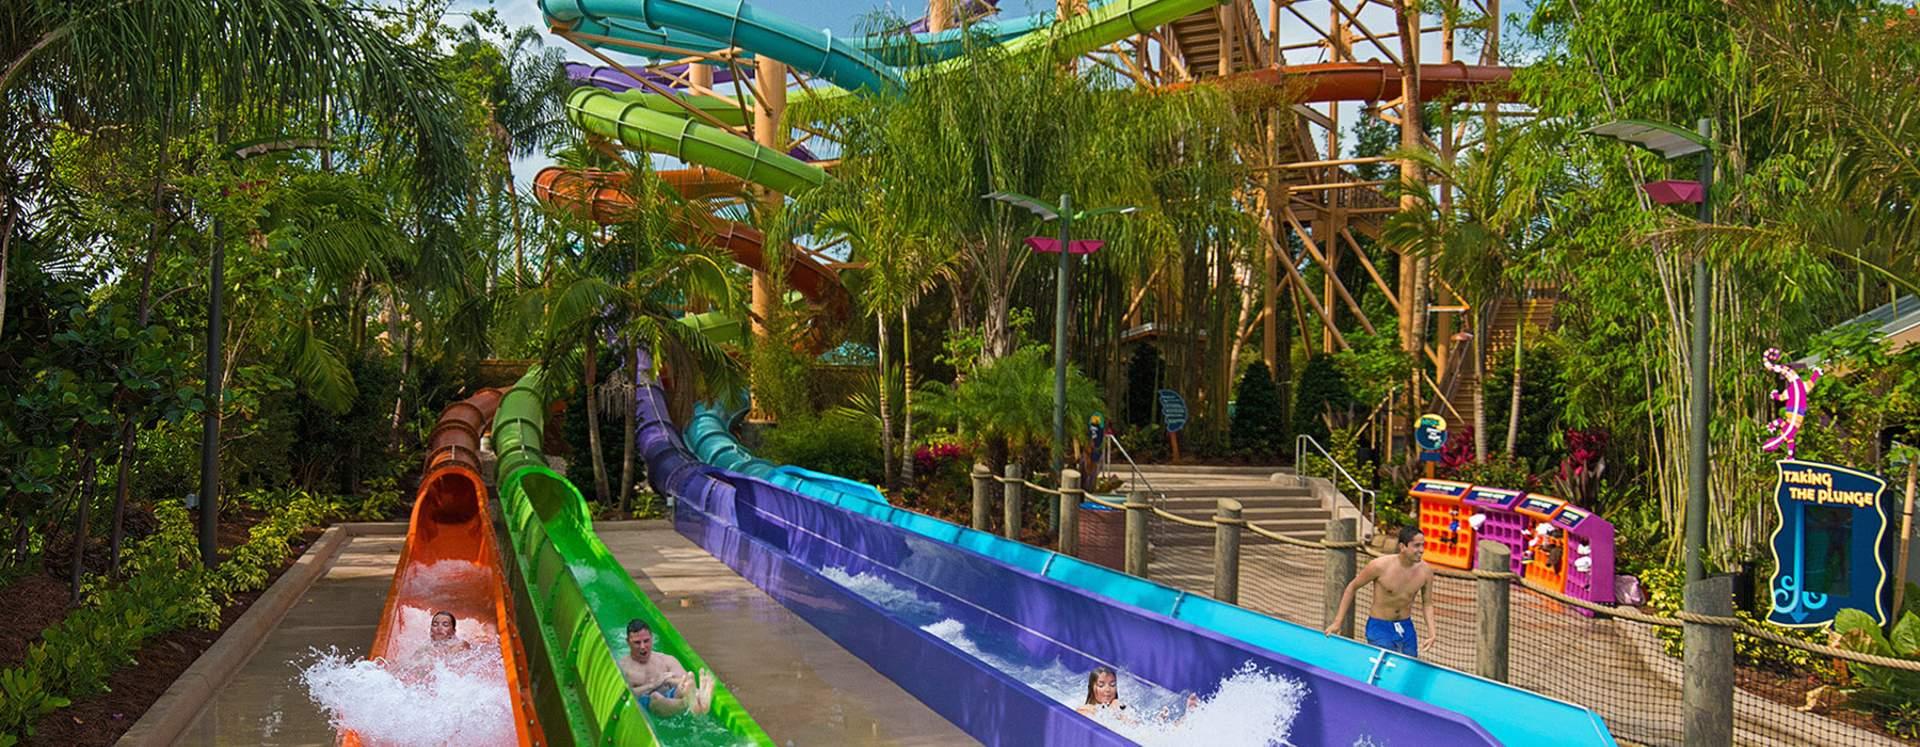 Aquatica-Breakaway-Slides